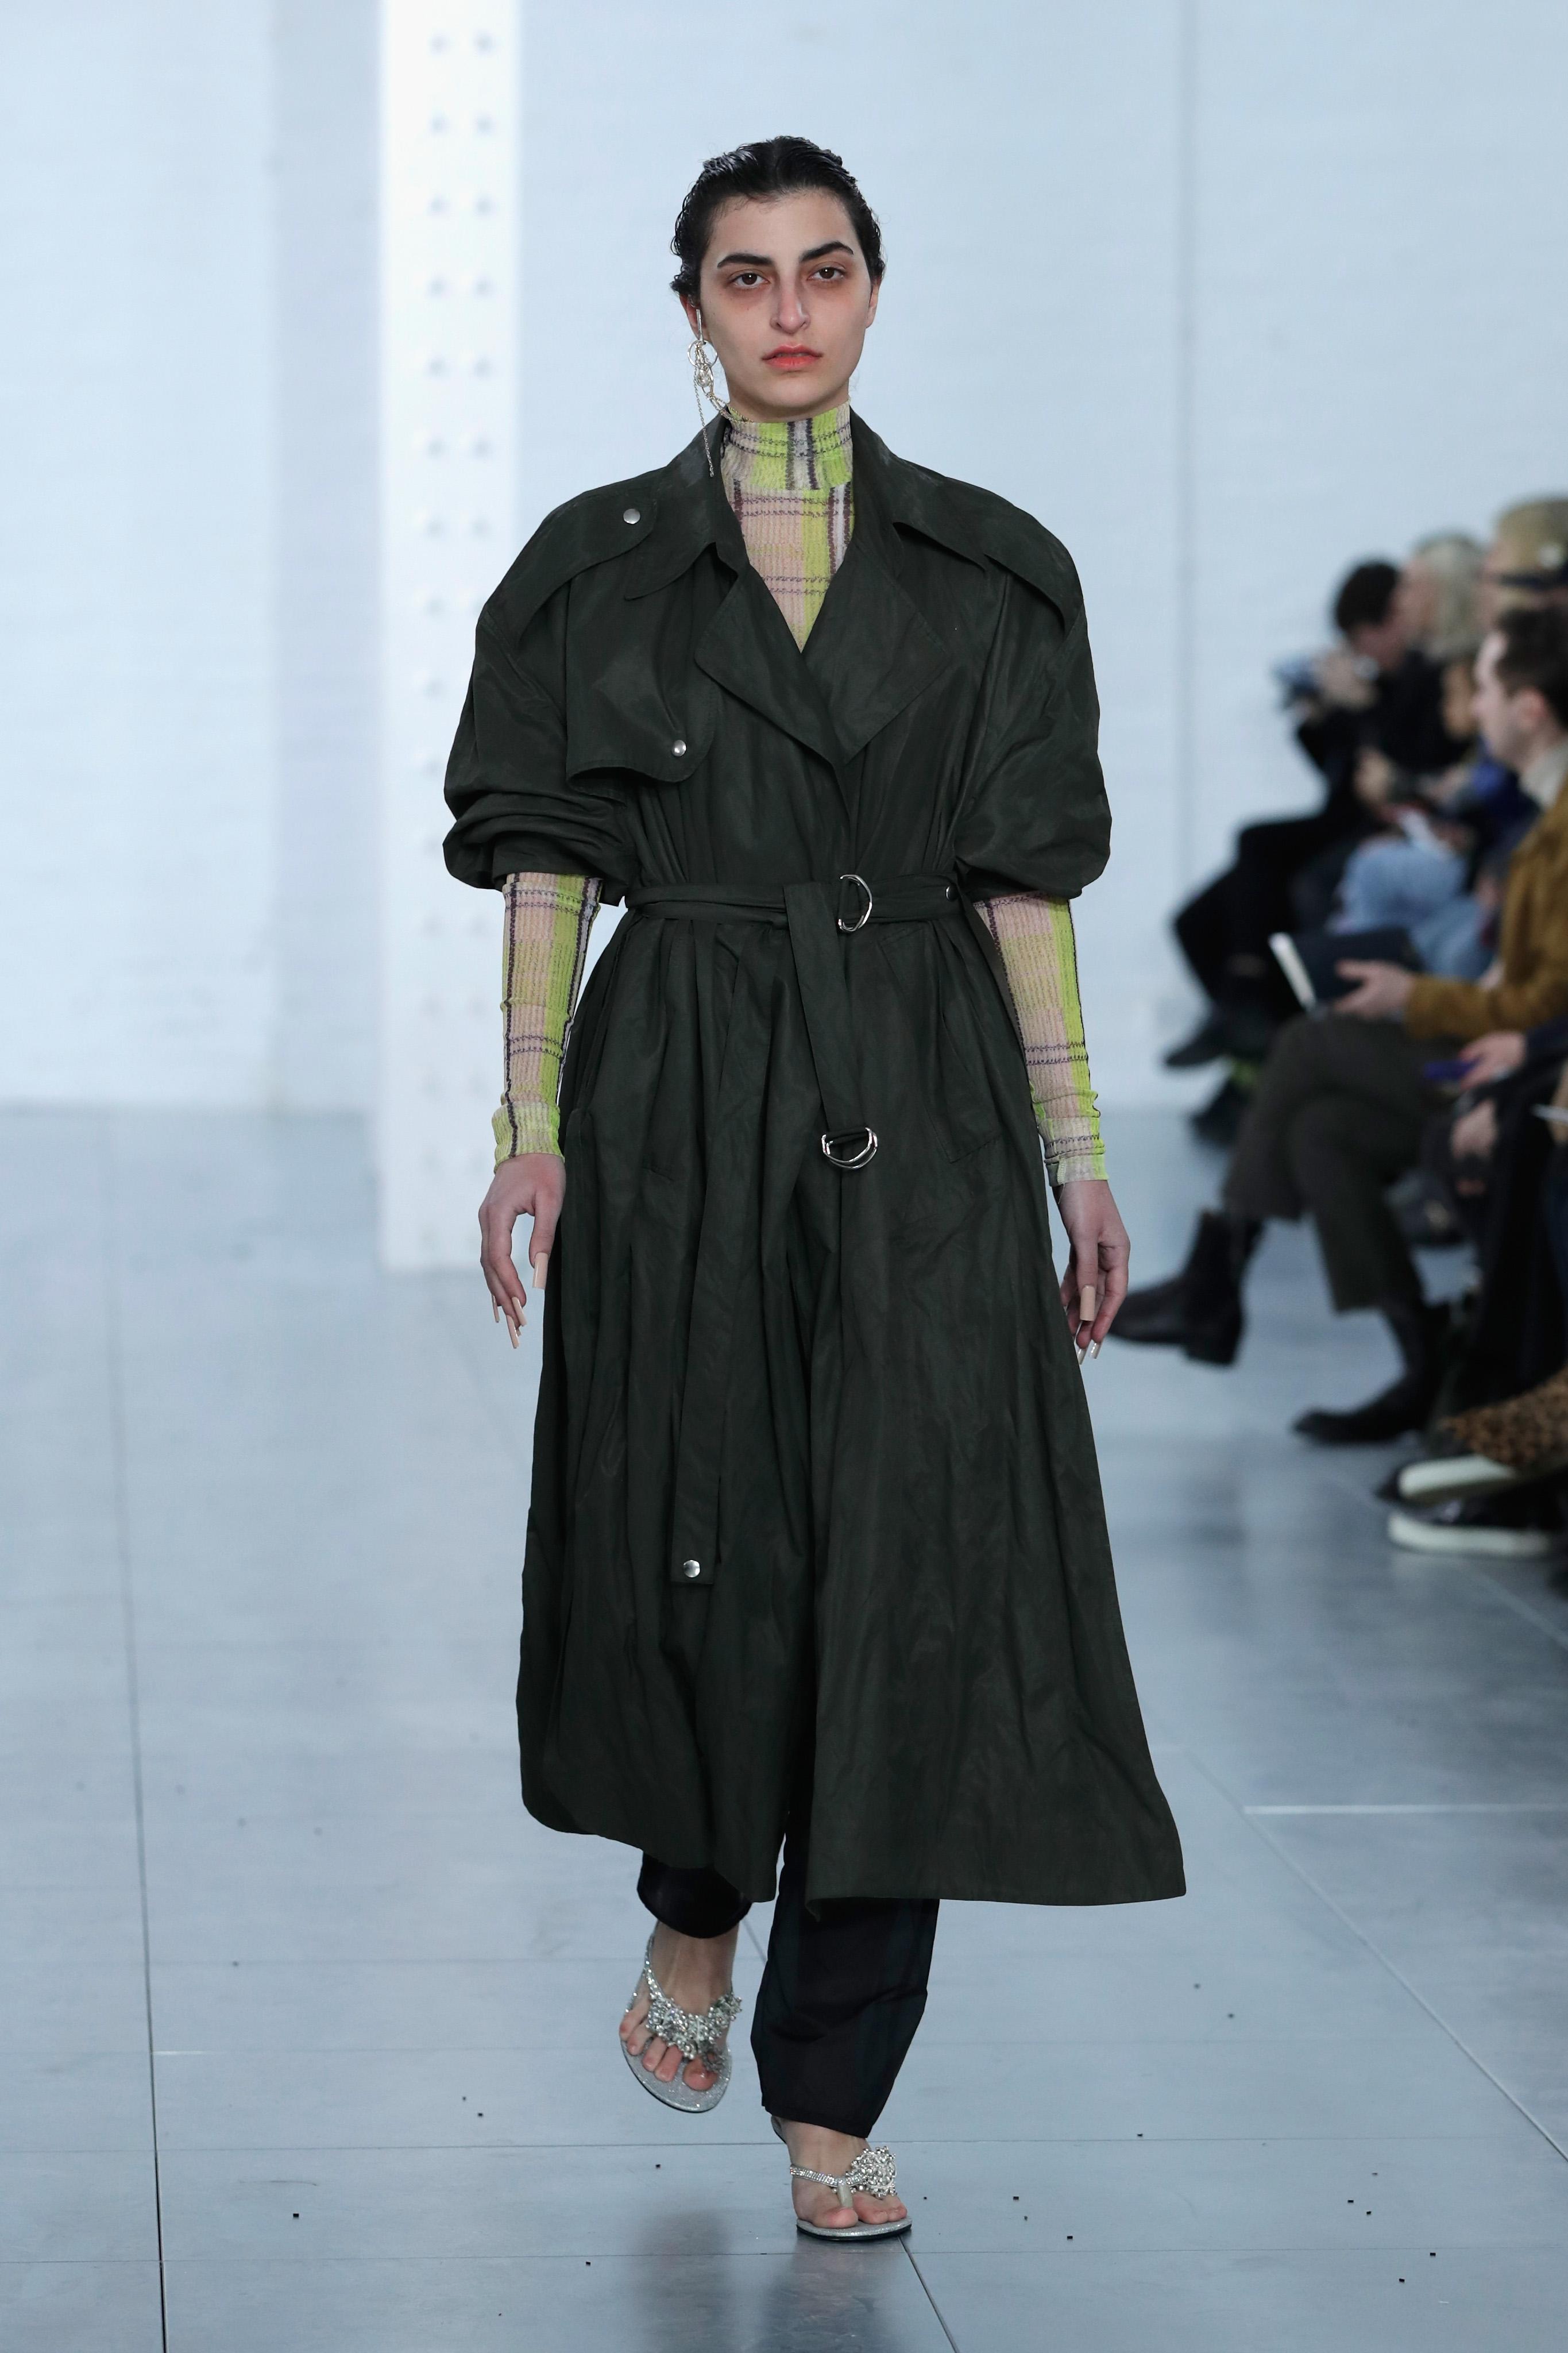 east fashion london fashion week - fashion east PIFHEEB